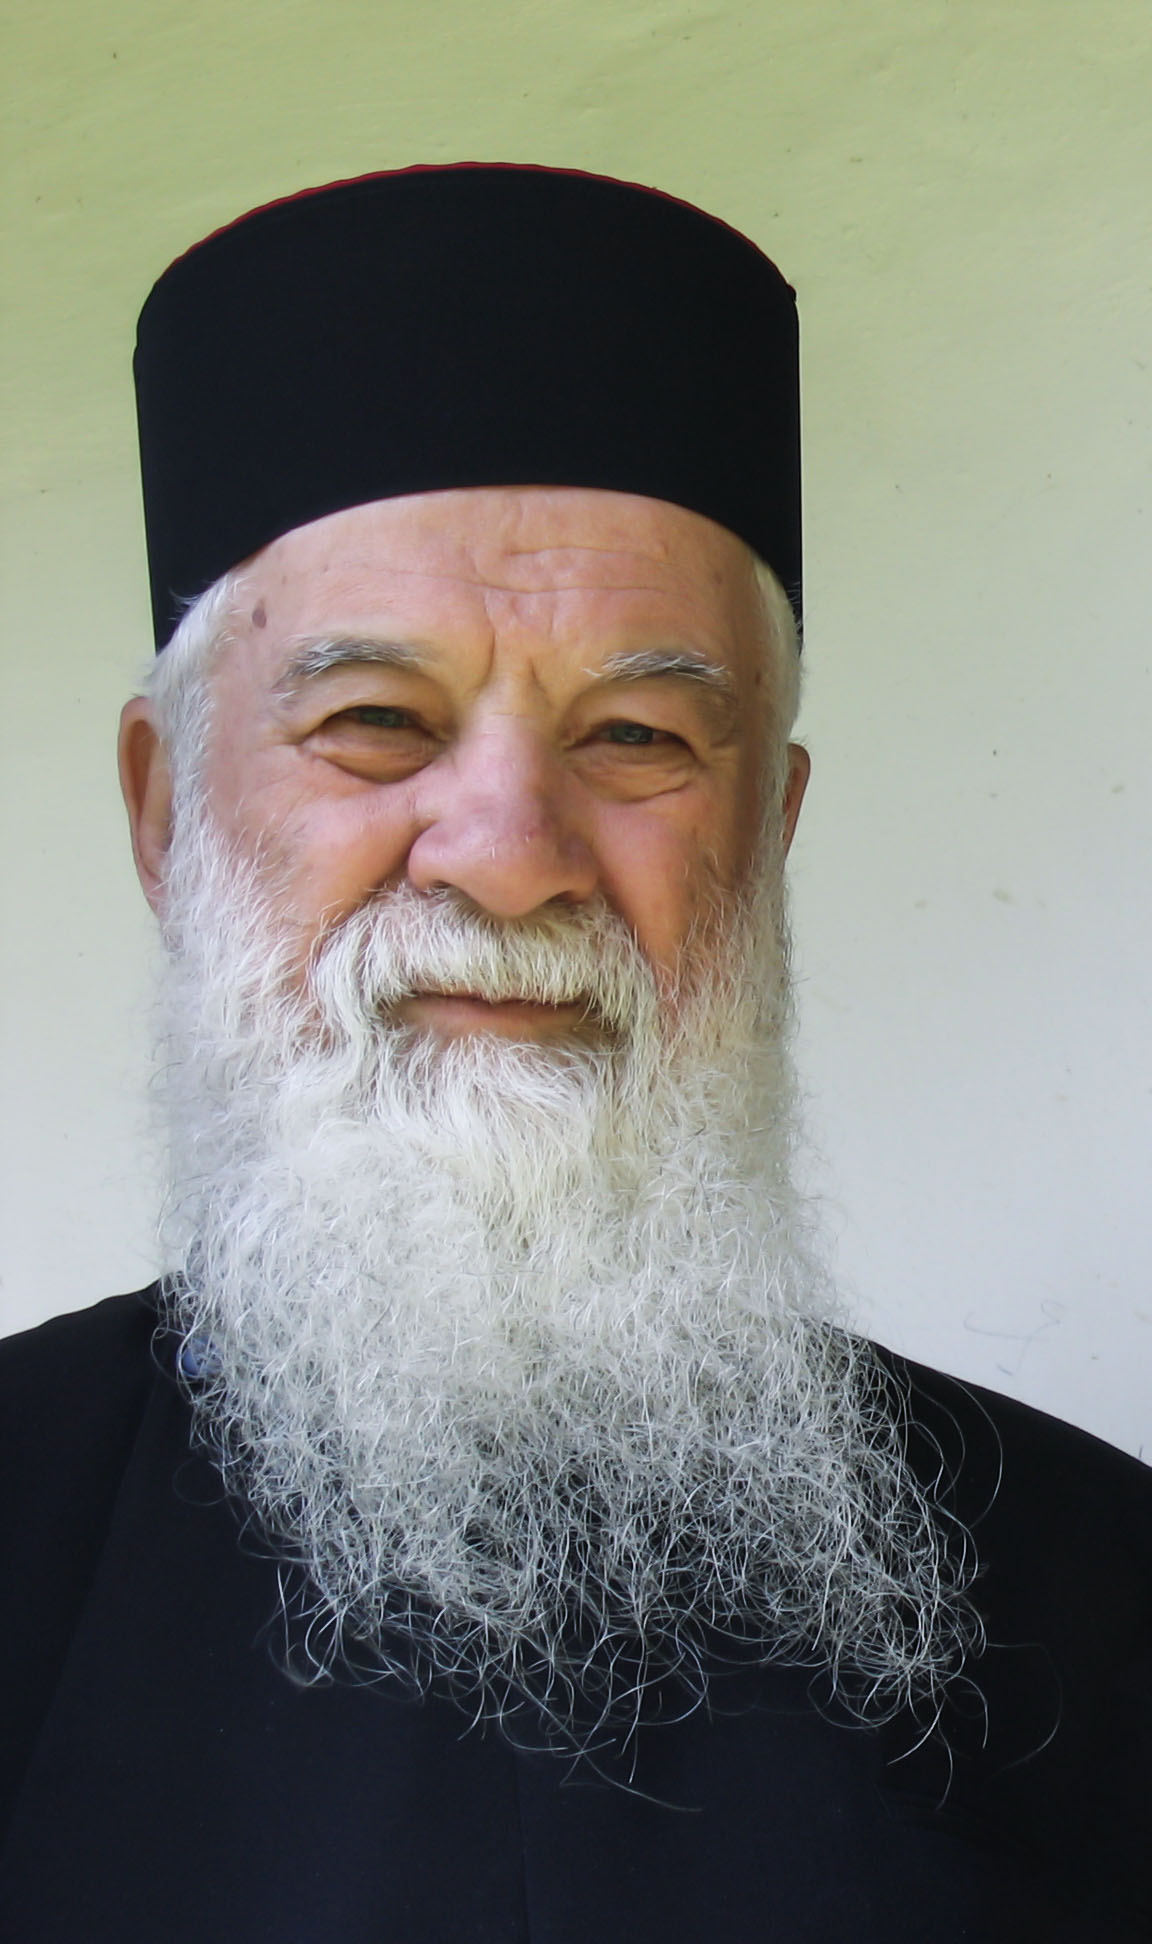 Părintele Gheorghe Calciu către tînăra generaţie: Rugaţi-vă, neîncetat!